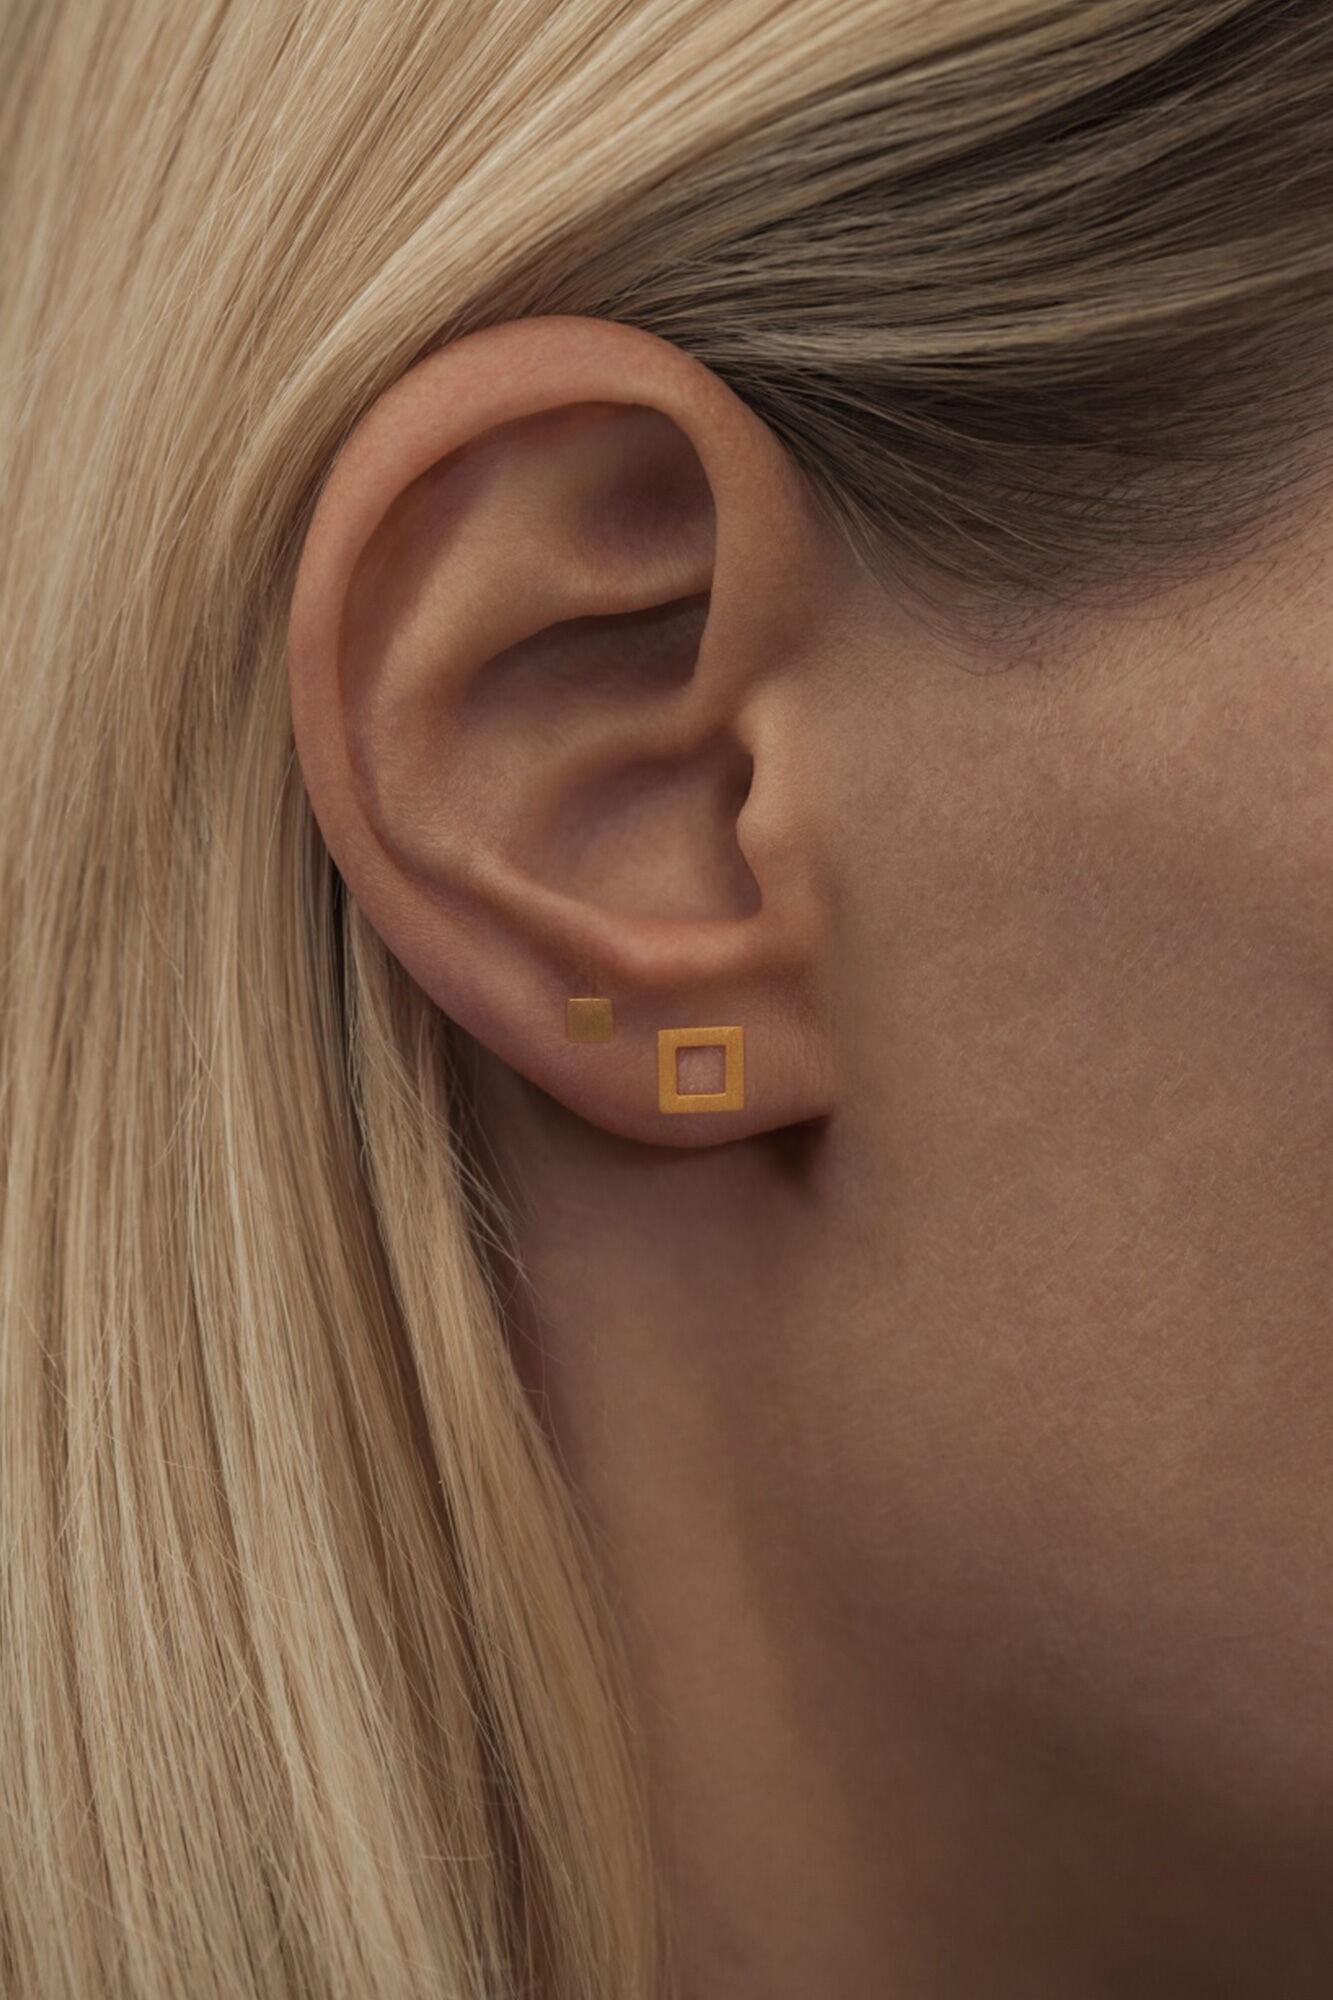 Family Ear Studs LULUE065